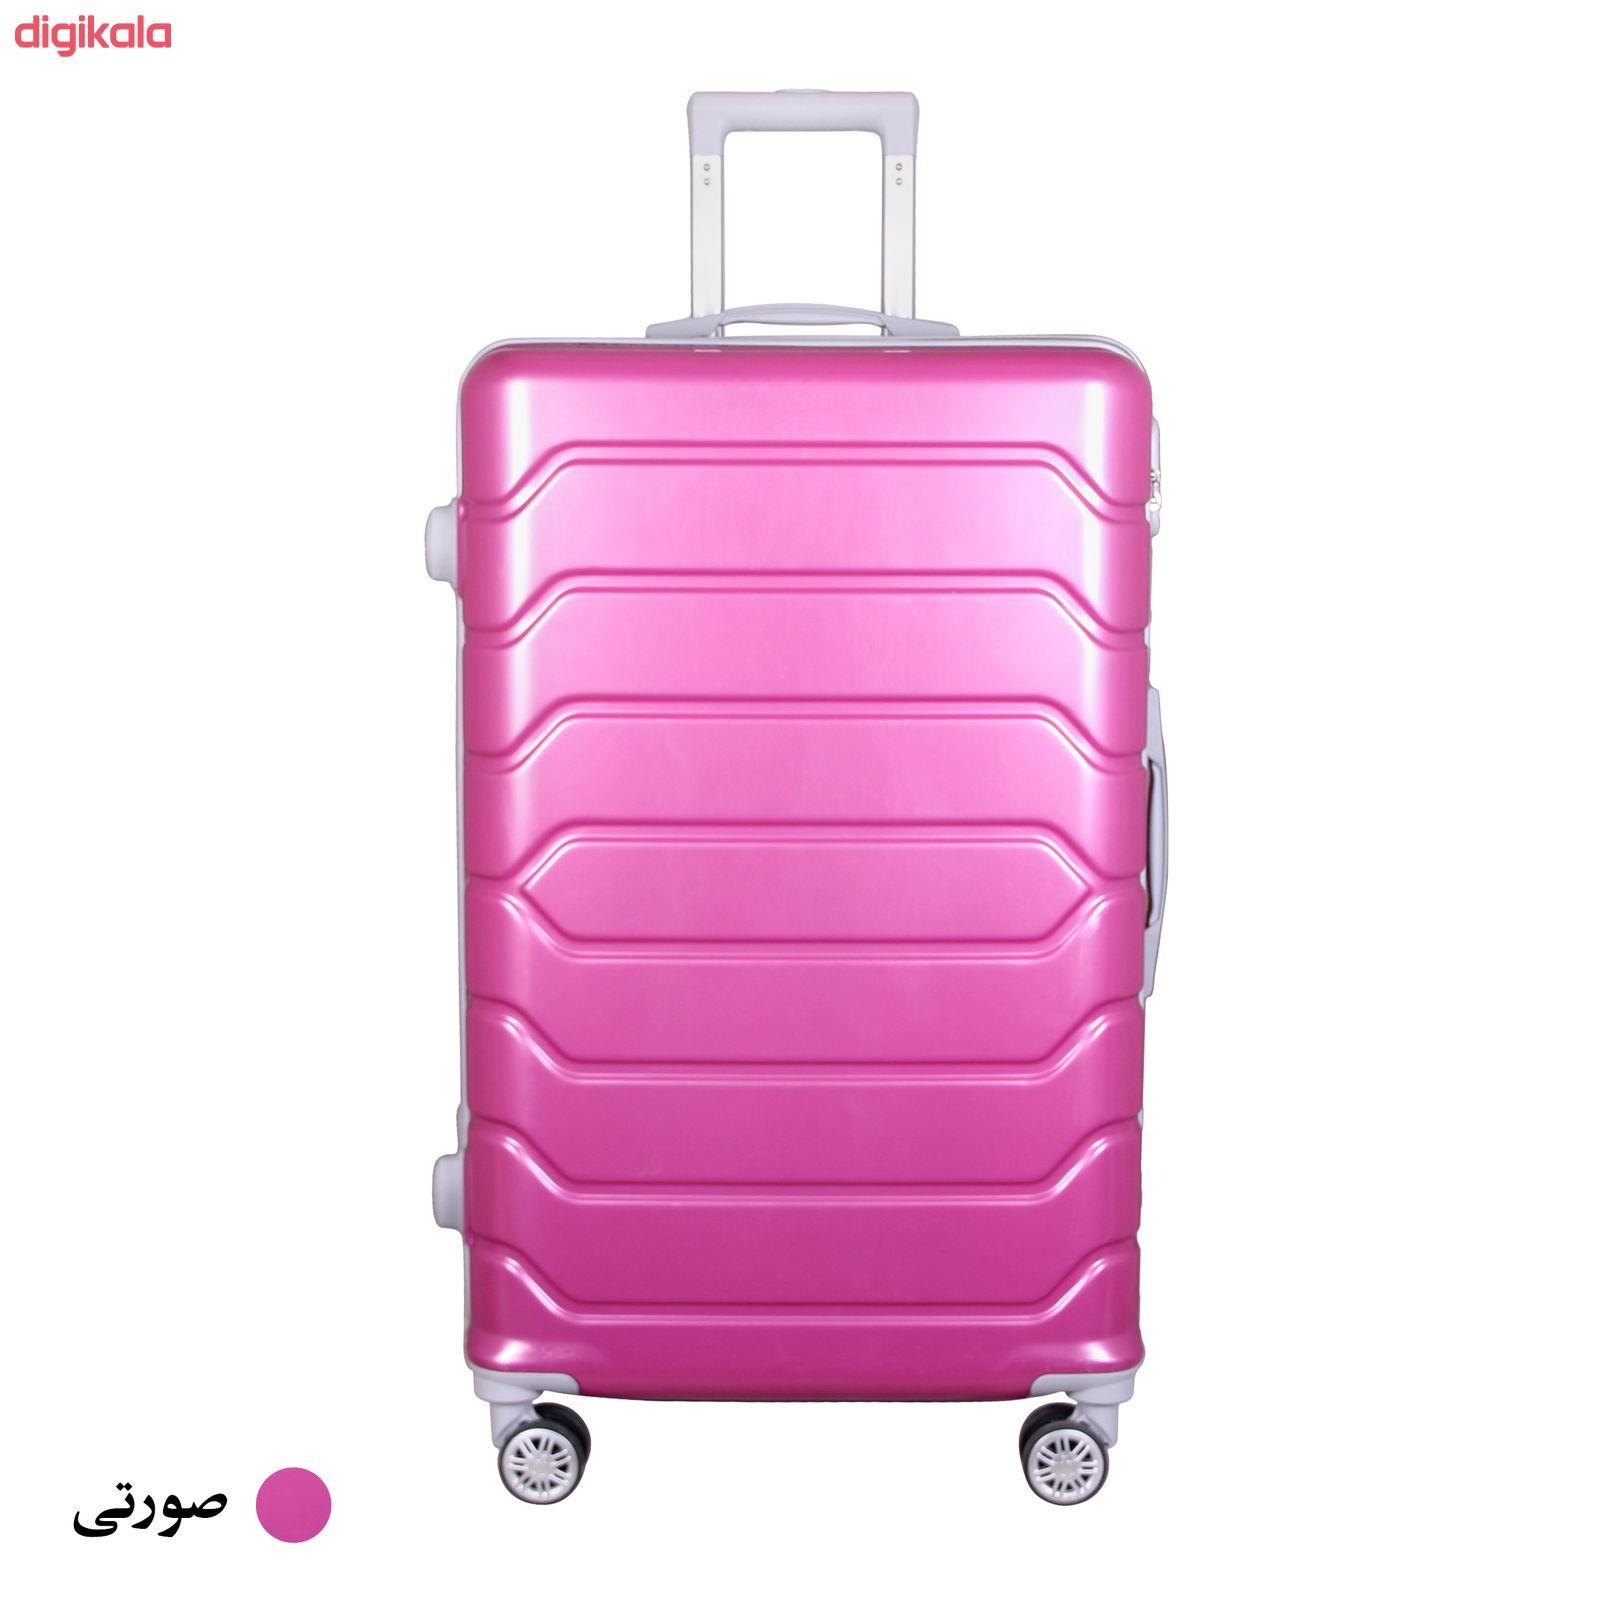 مجموعه سه عددی چمدان مدل 10021 main 1 16